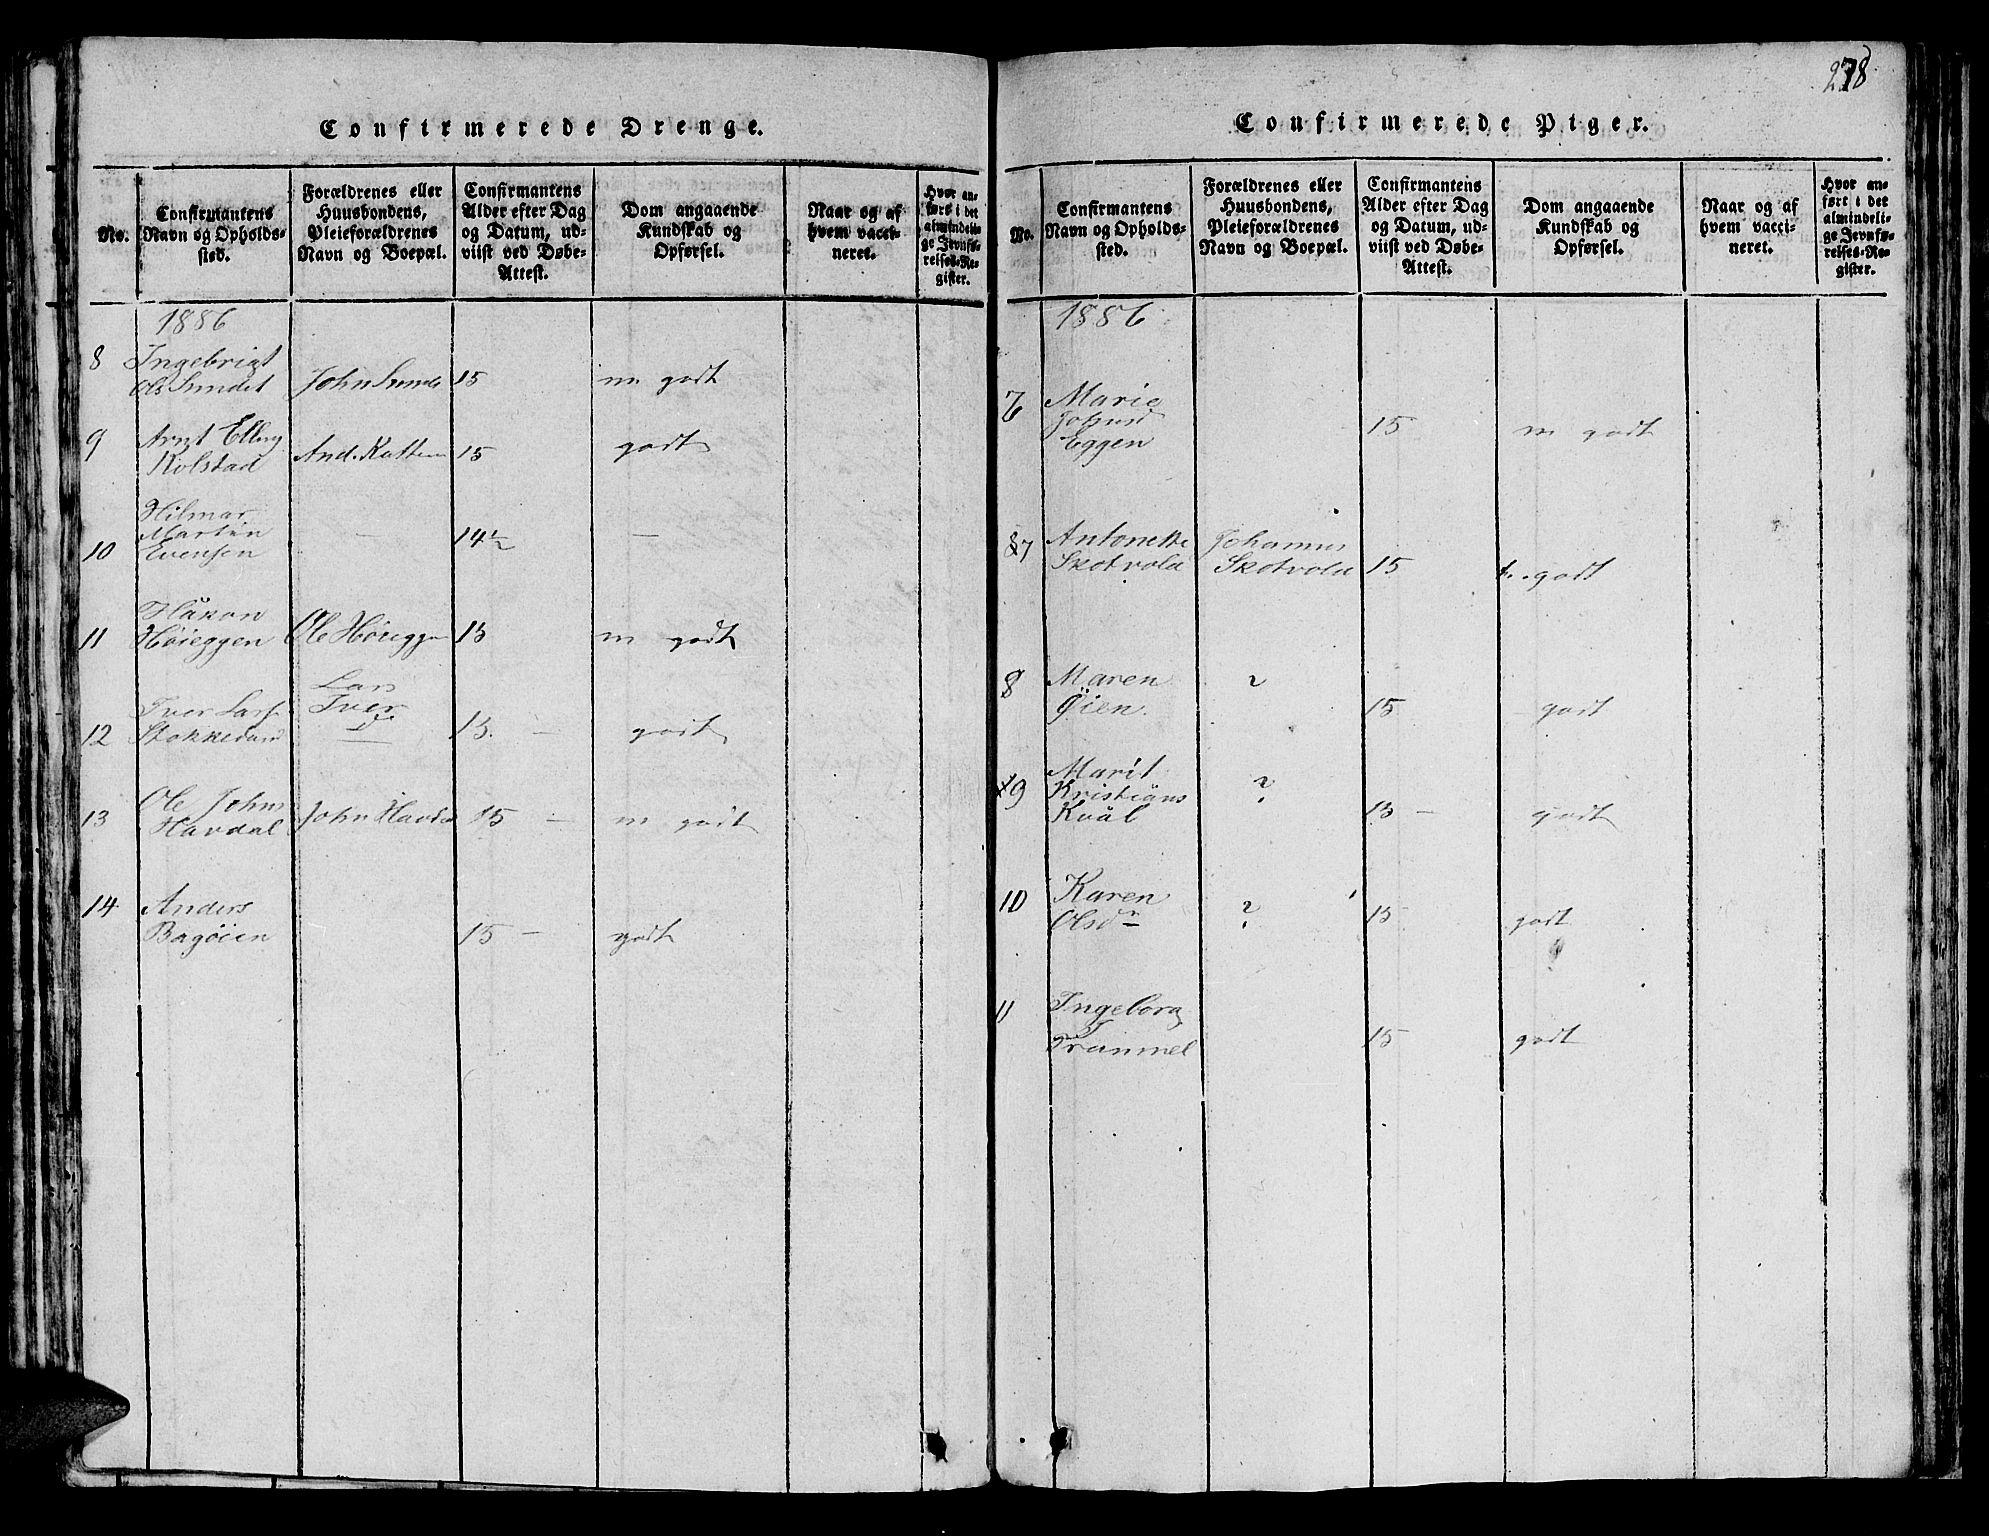 SAT, Ministerialprotokoller, klokkerbøker og fødselsregistre - Sør-Trøndelag, 613/L0393: Klokkerbok nr. 613C01, 1816-1886, s. 278